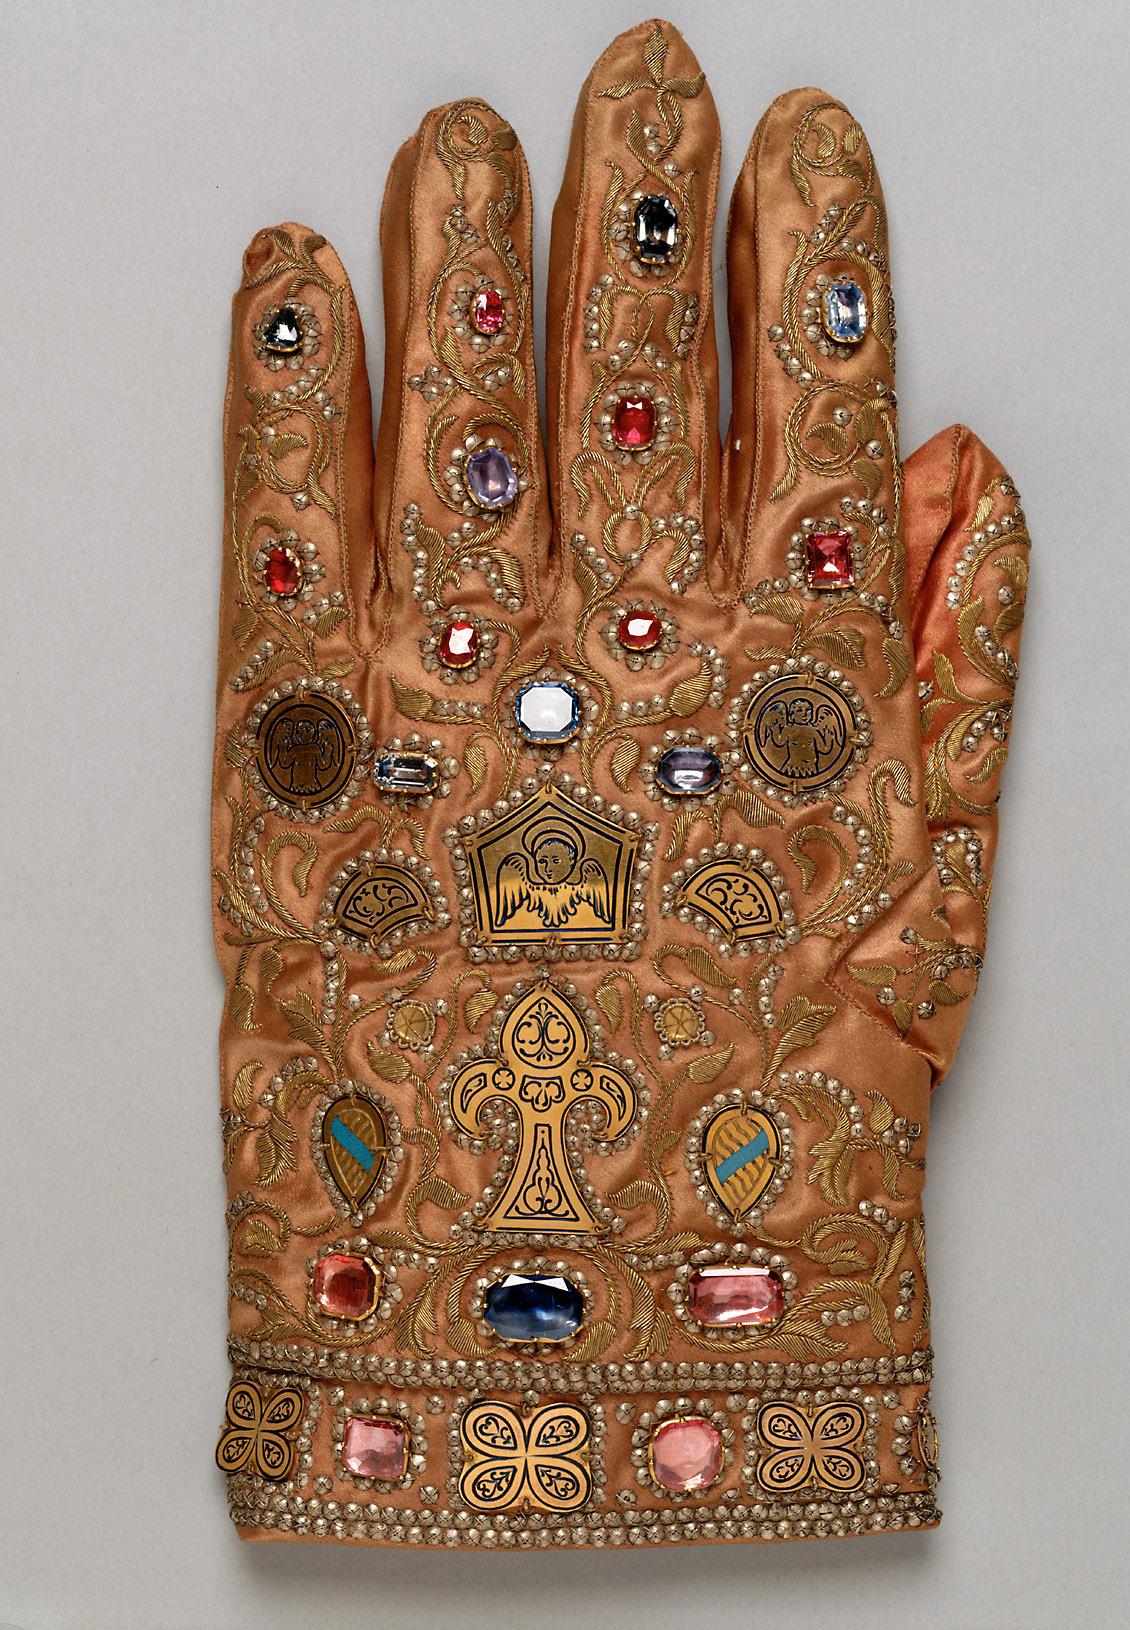 Die Handschuhe des Ornats Kaiser Franz I. Stephan von Lothringen (Barockkopien nach den Gewändern des Krönungsornates des Heiligen Römischen Reiches)